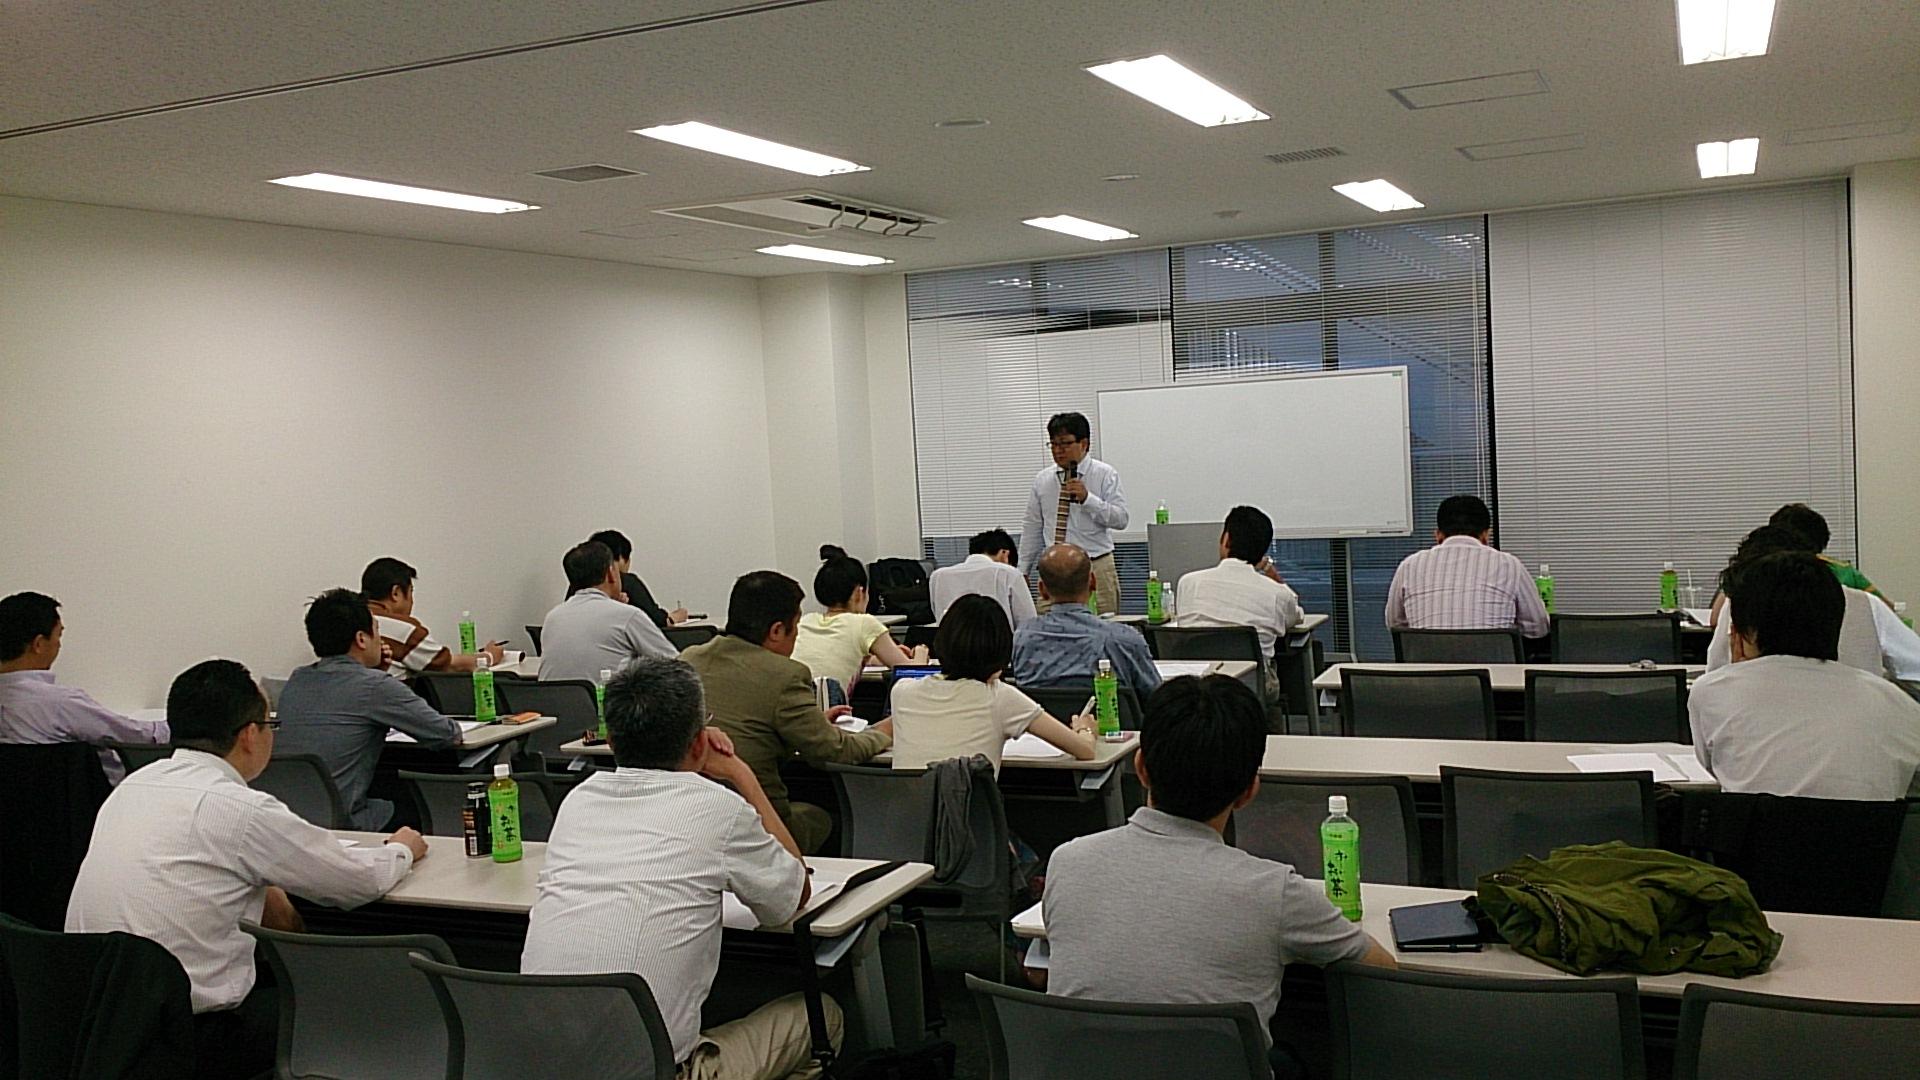 2014年、明日の実務経営意匠研究会(アスケン)で小野和彦が言った!「入会は小野和彦を参謀に出来るチケットなんです!またもうひとつのチケットは・・・」